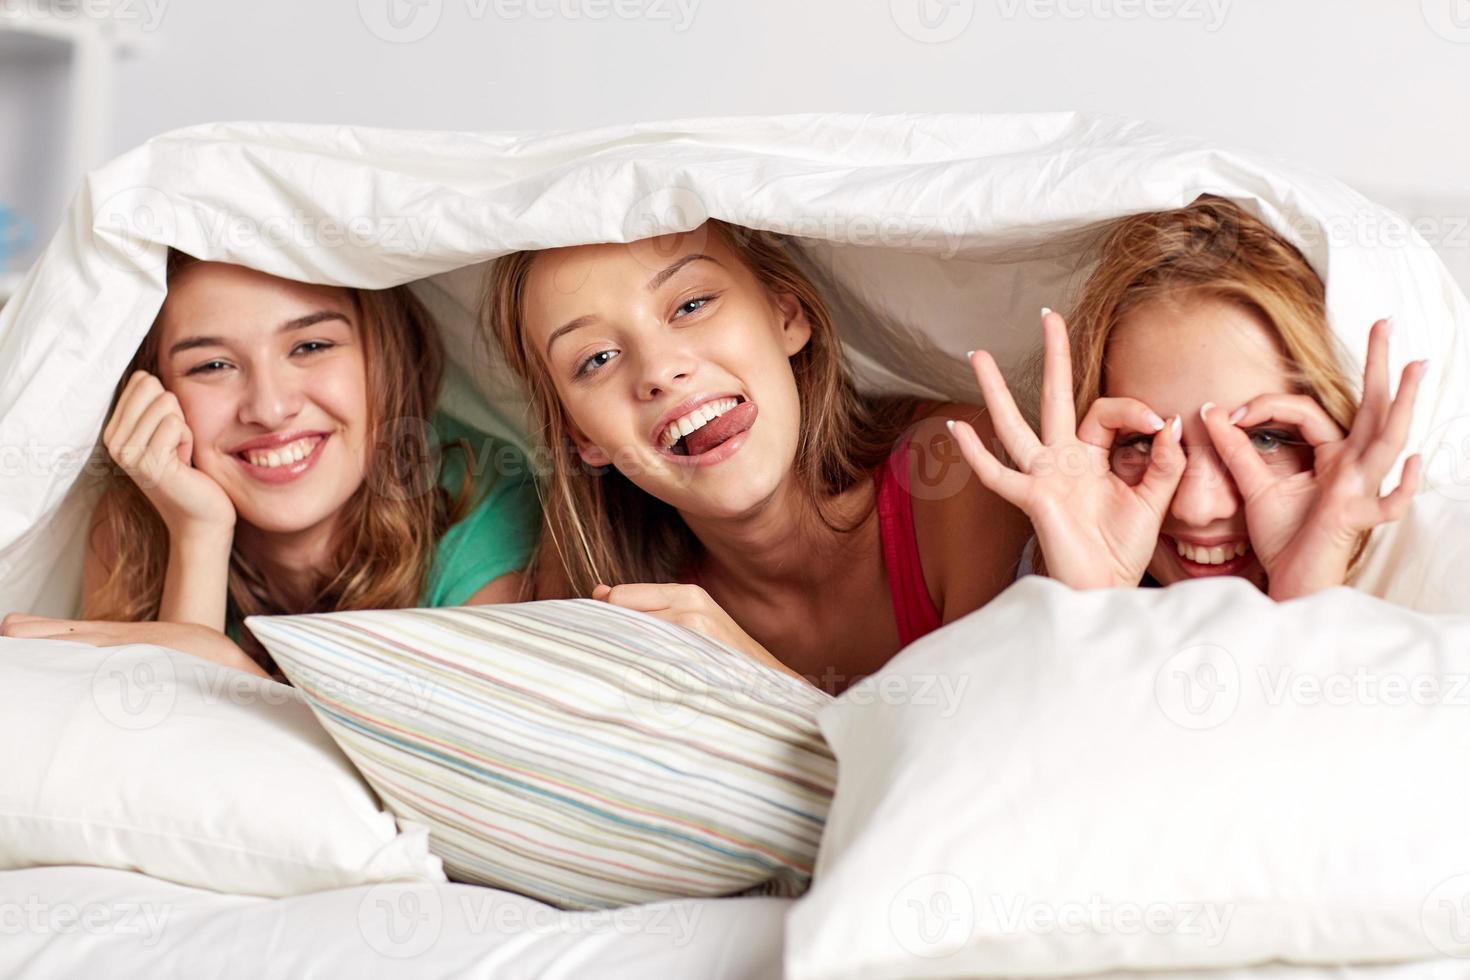 felice giovane donna a letto a casa pigiama party foto